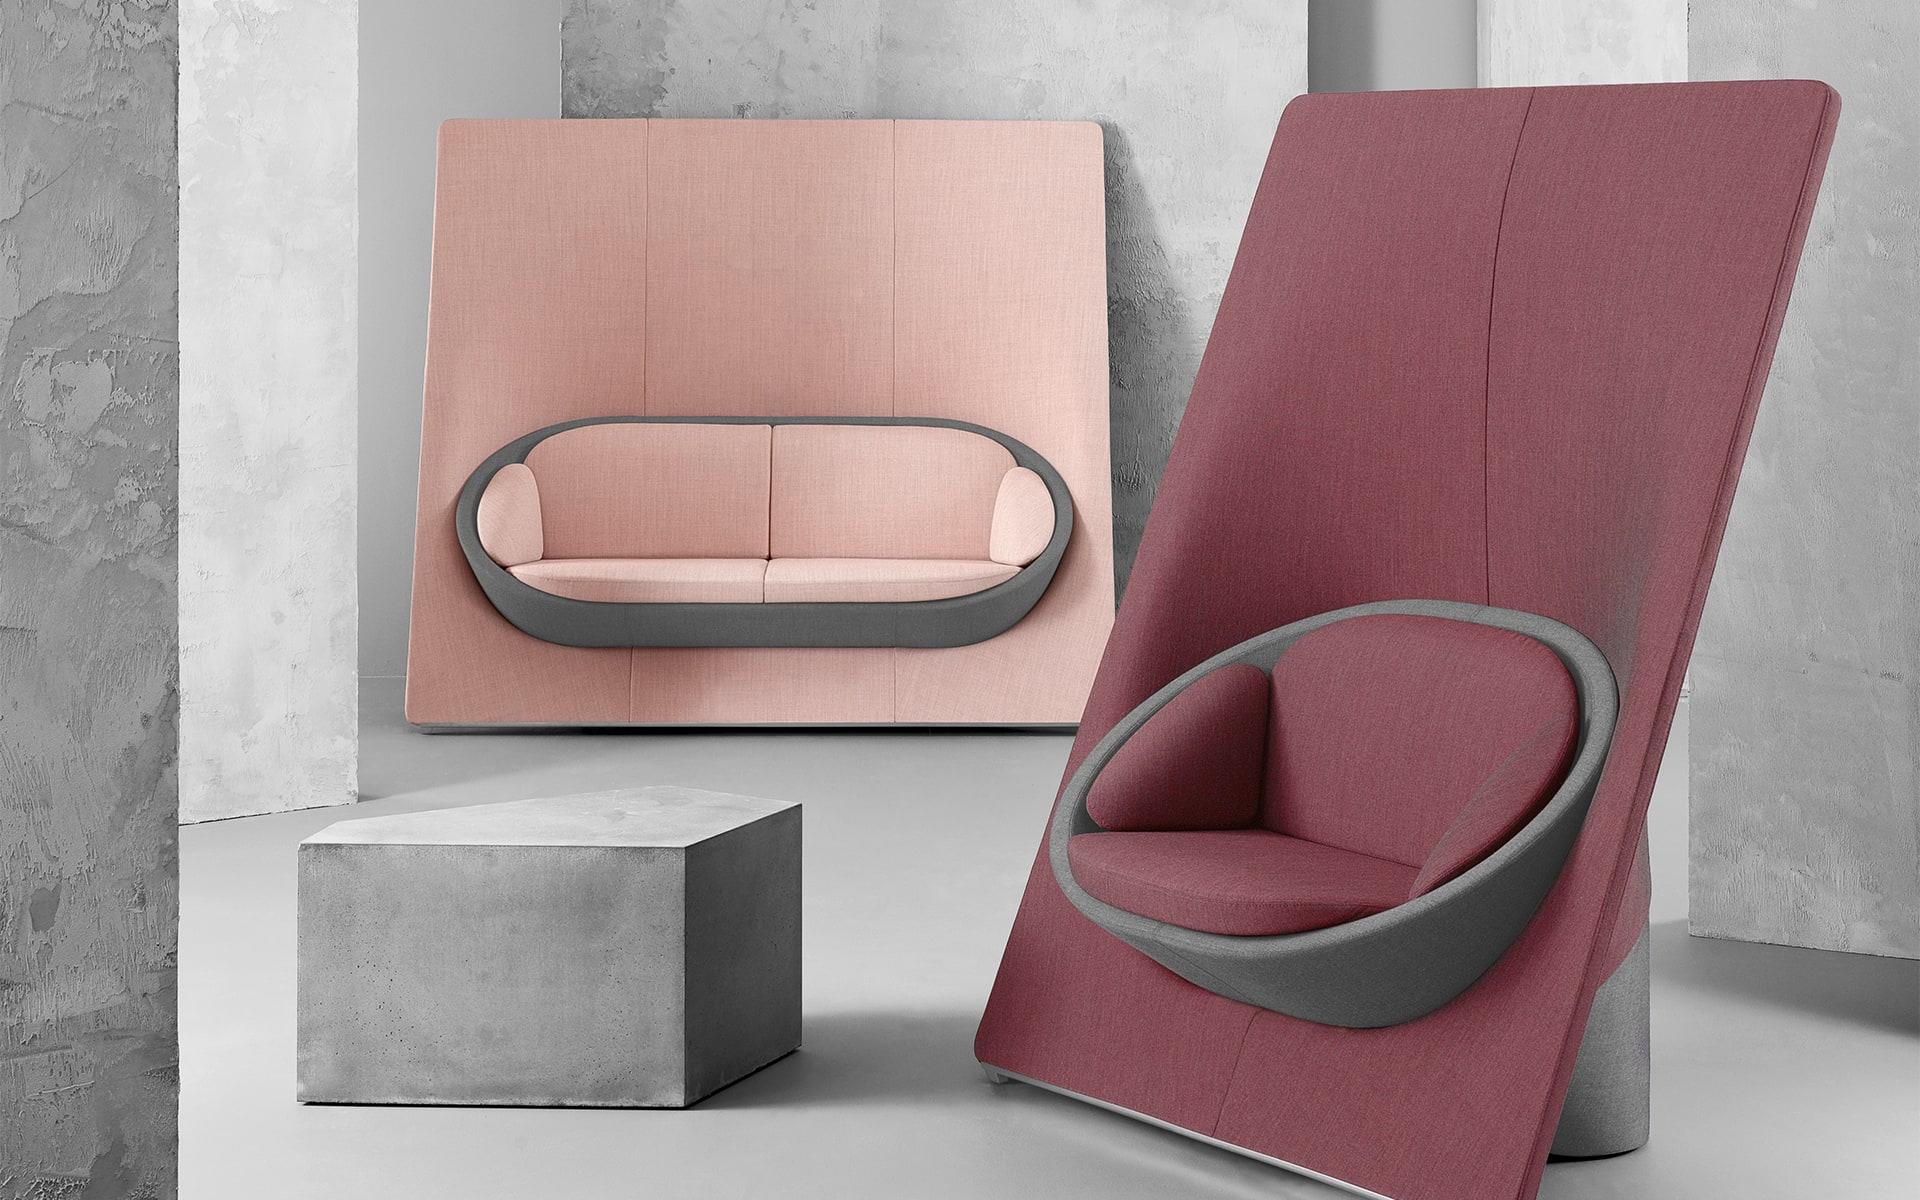 Profim Wyspa Lounge Sitzsystem von ITO Design in altrosa und beerenfarben neben Loungetisch aus Beton